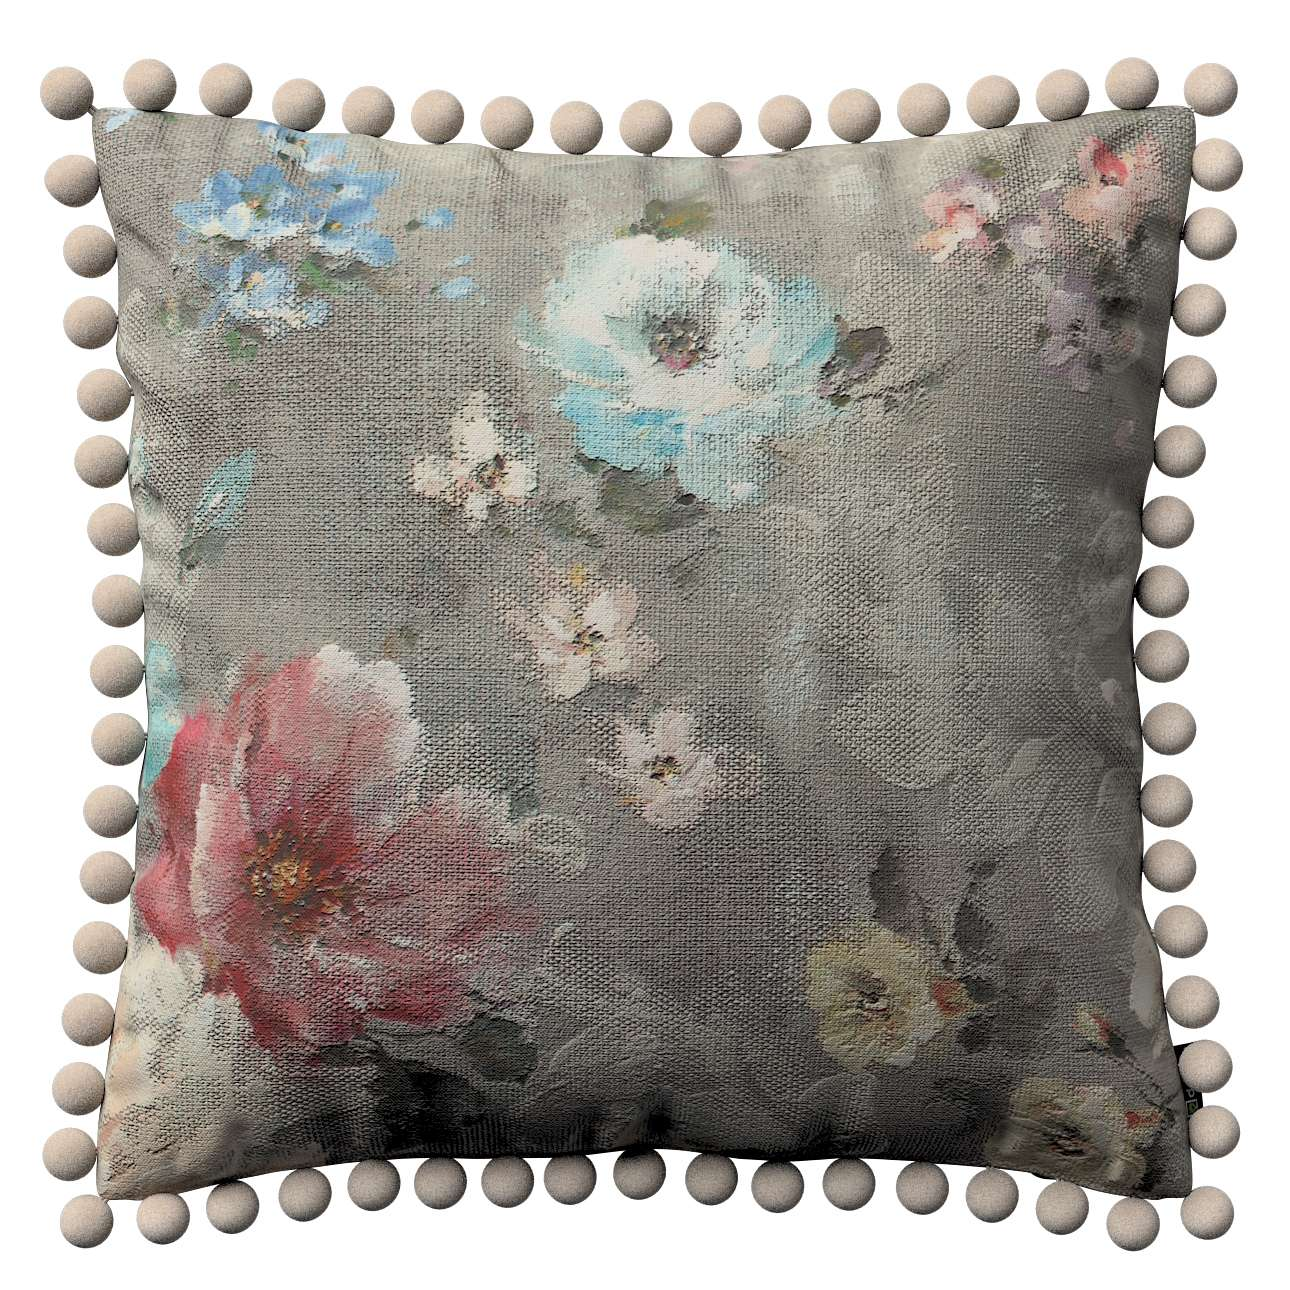 Poszewka Wera na poduszkę 45 x 45 cm w kolekcji Monet, tkanina: 137-81